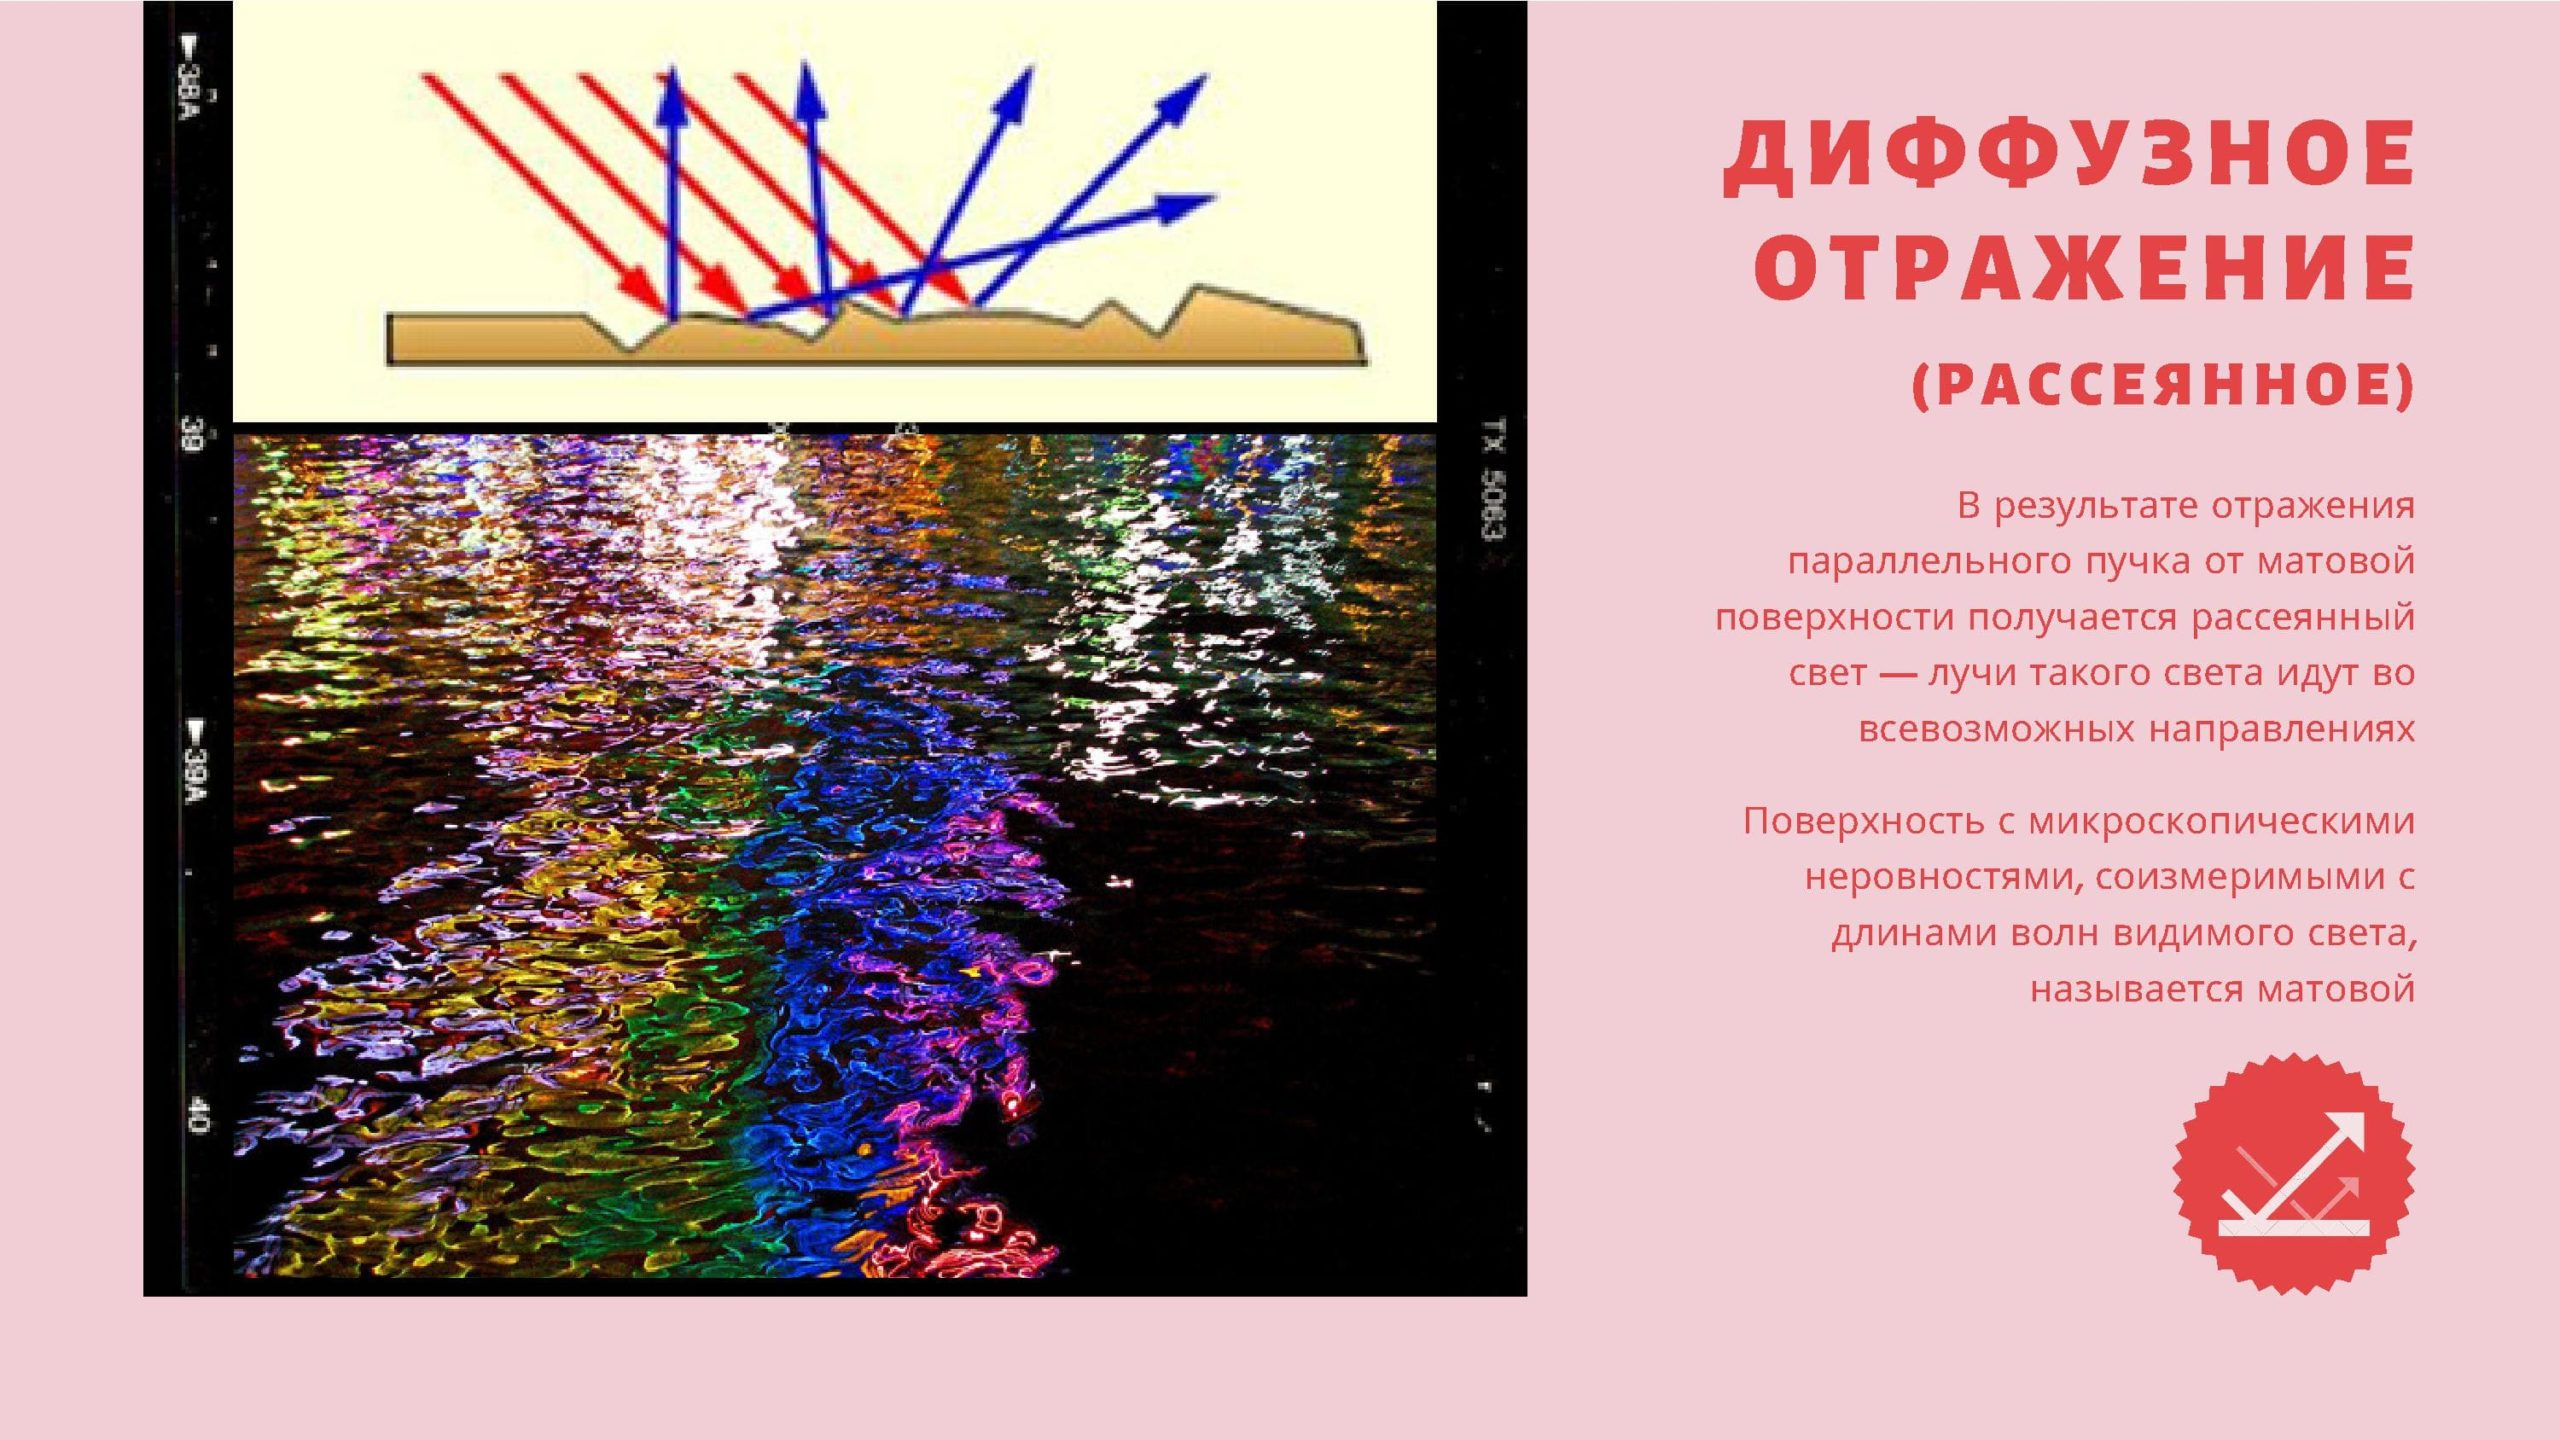 Диффузное отражение (рассеянное)